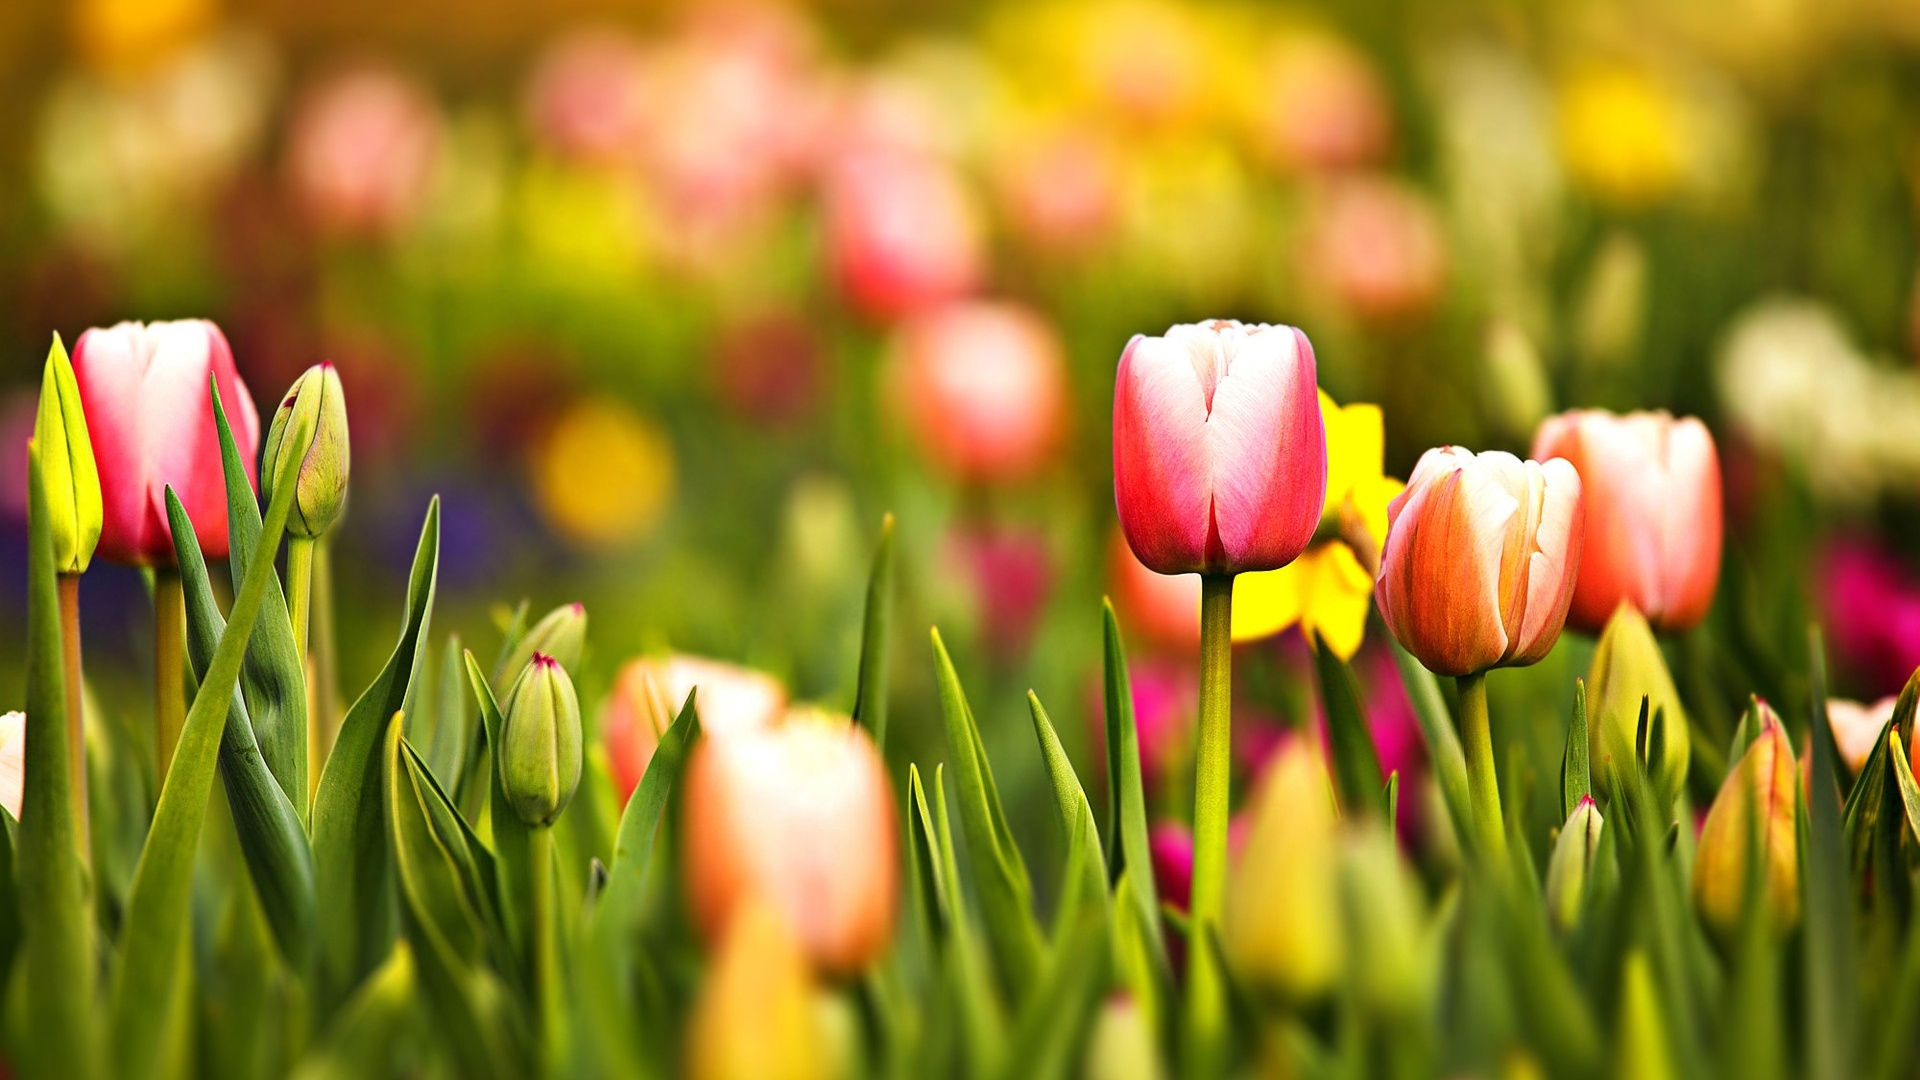 Najkrajšie jarné kvety na svete! Nájdete v rebríčku obľúbených aj Vy ten svoj!?